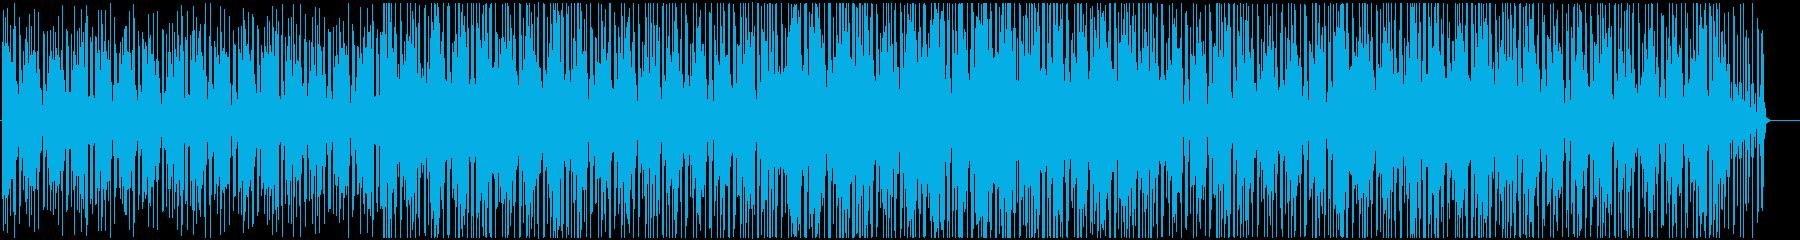 ゆったりボサノバの再生済みの波形